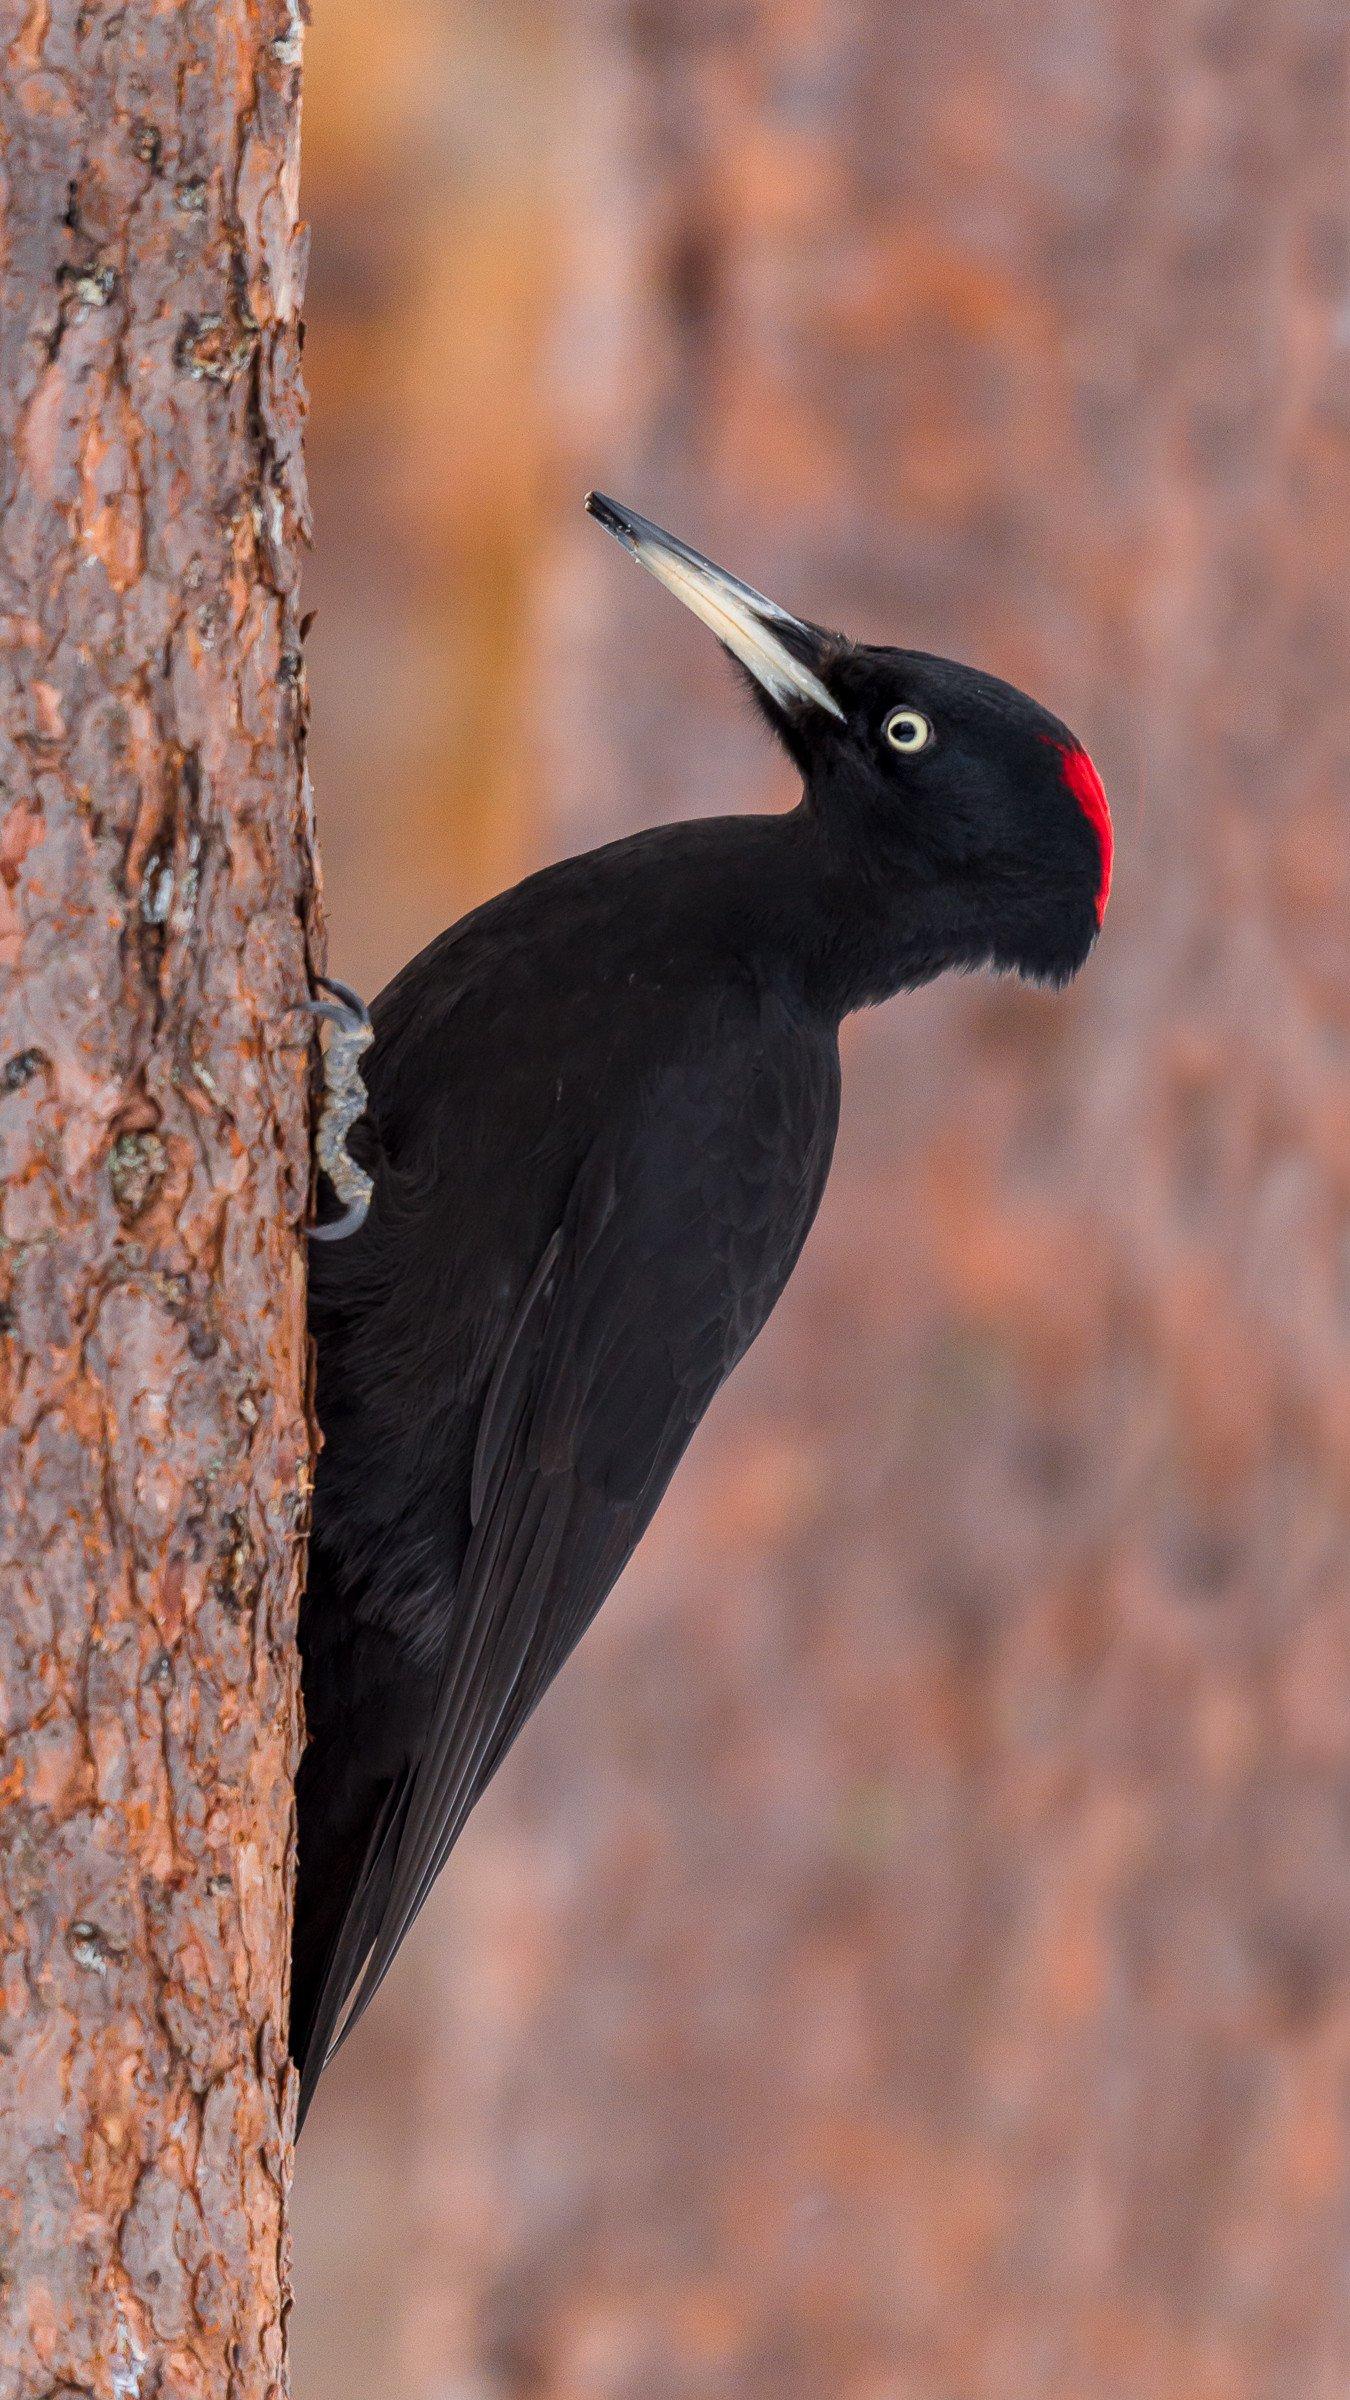 vogels bos 2560